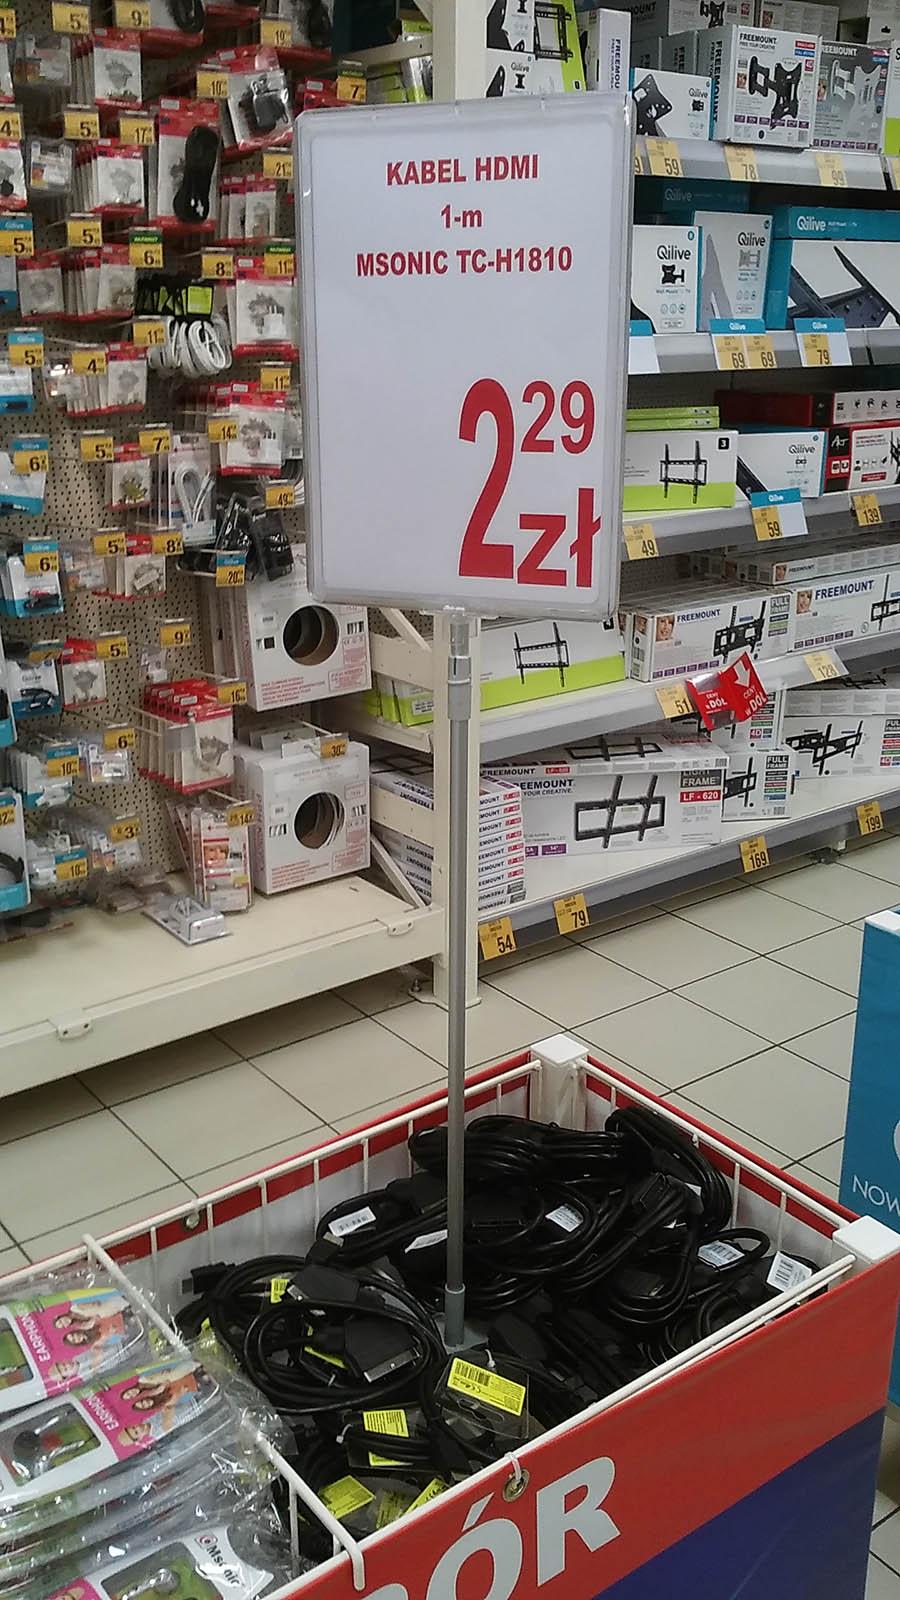 Kabel HDMI 1 metr MSONIC - Auchan Żory